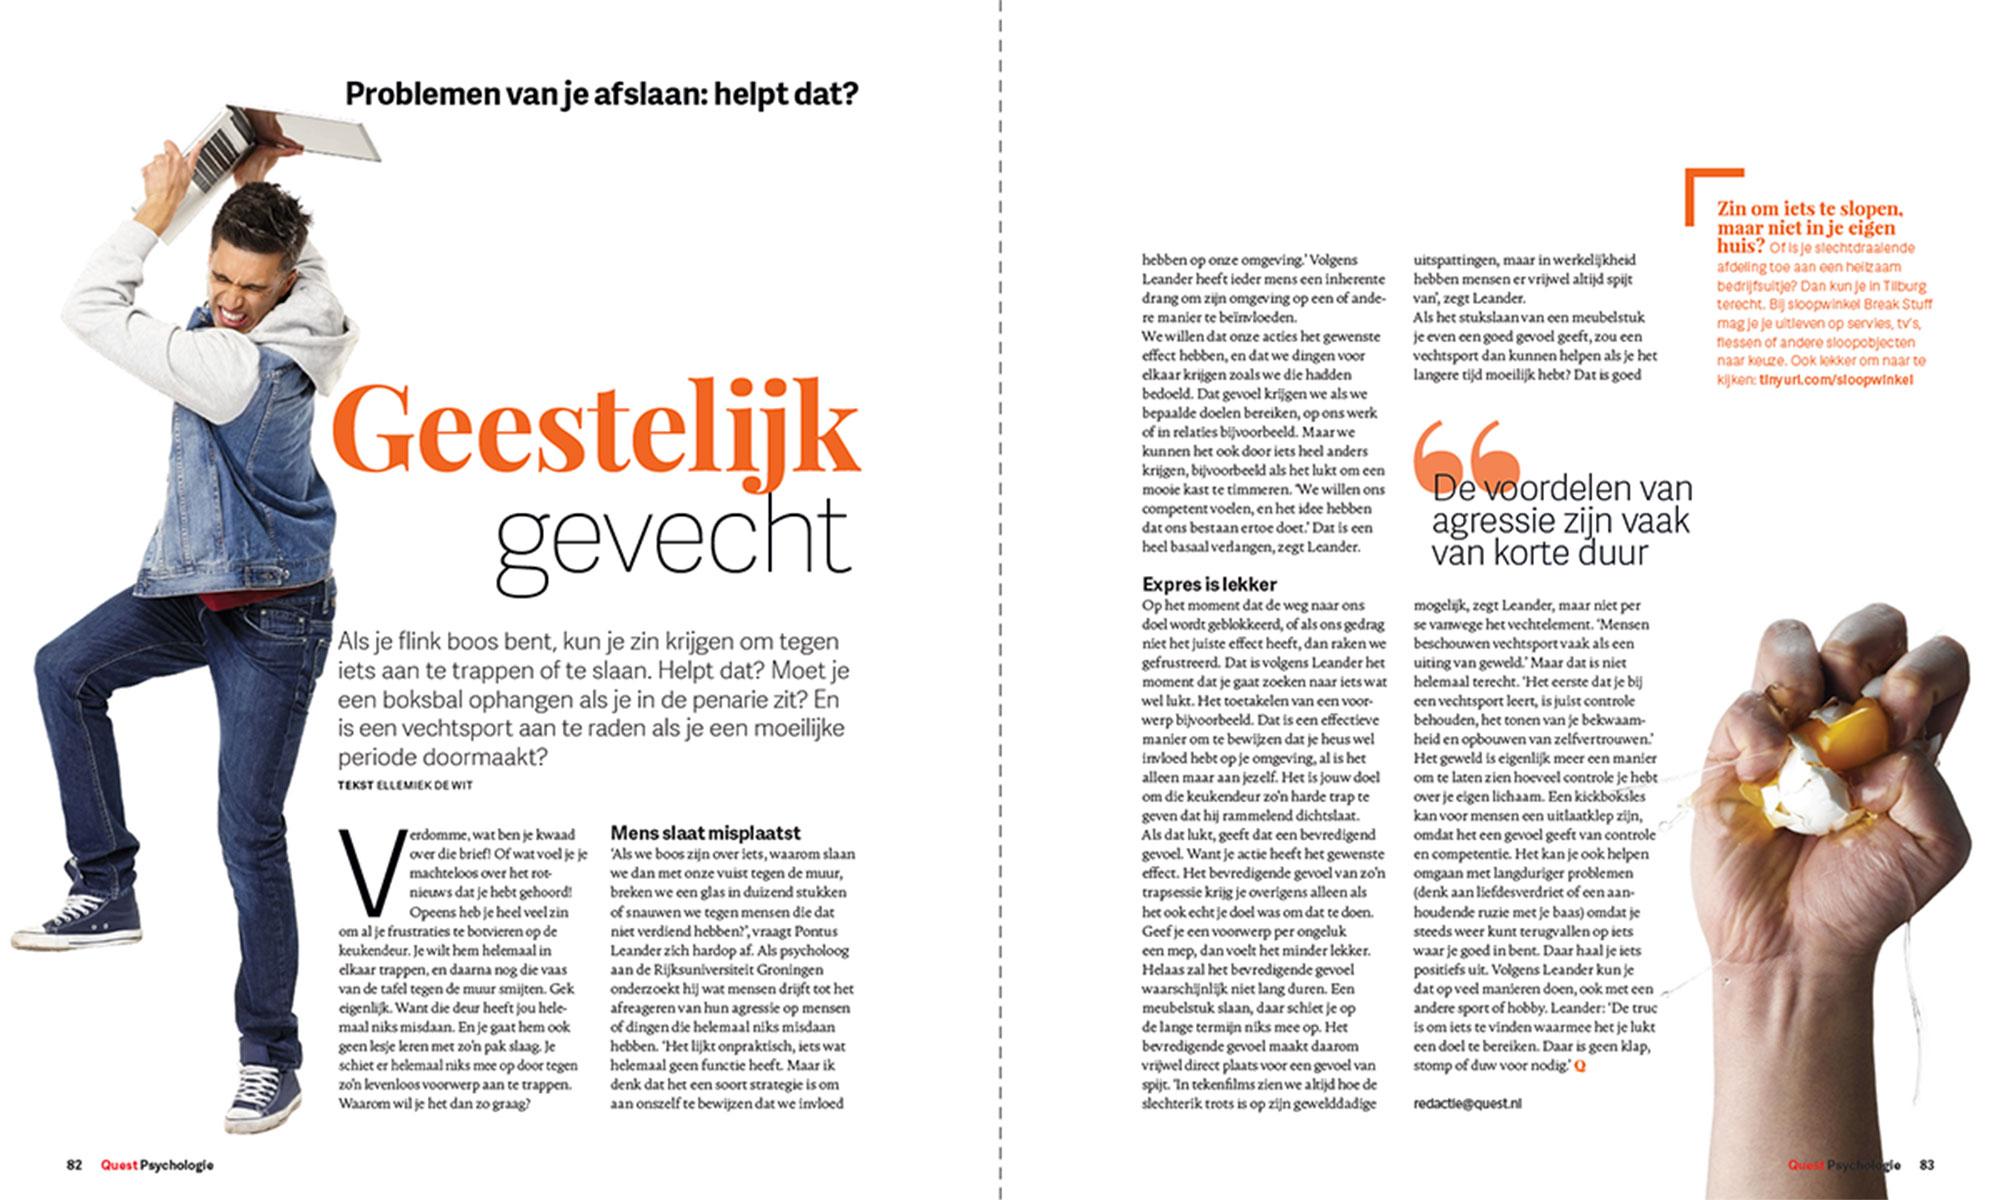 Tijdschrift Quest Psychologie in opdracht van mediabedrijf Hearst Netherlands